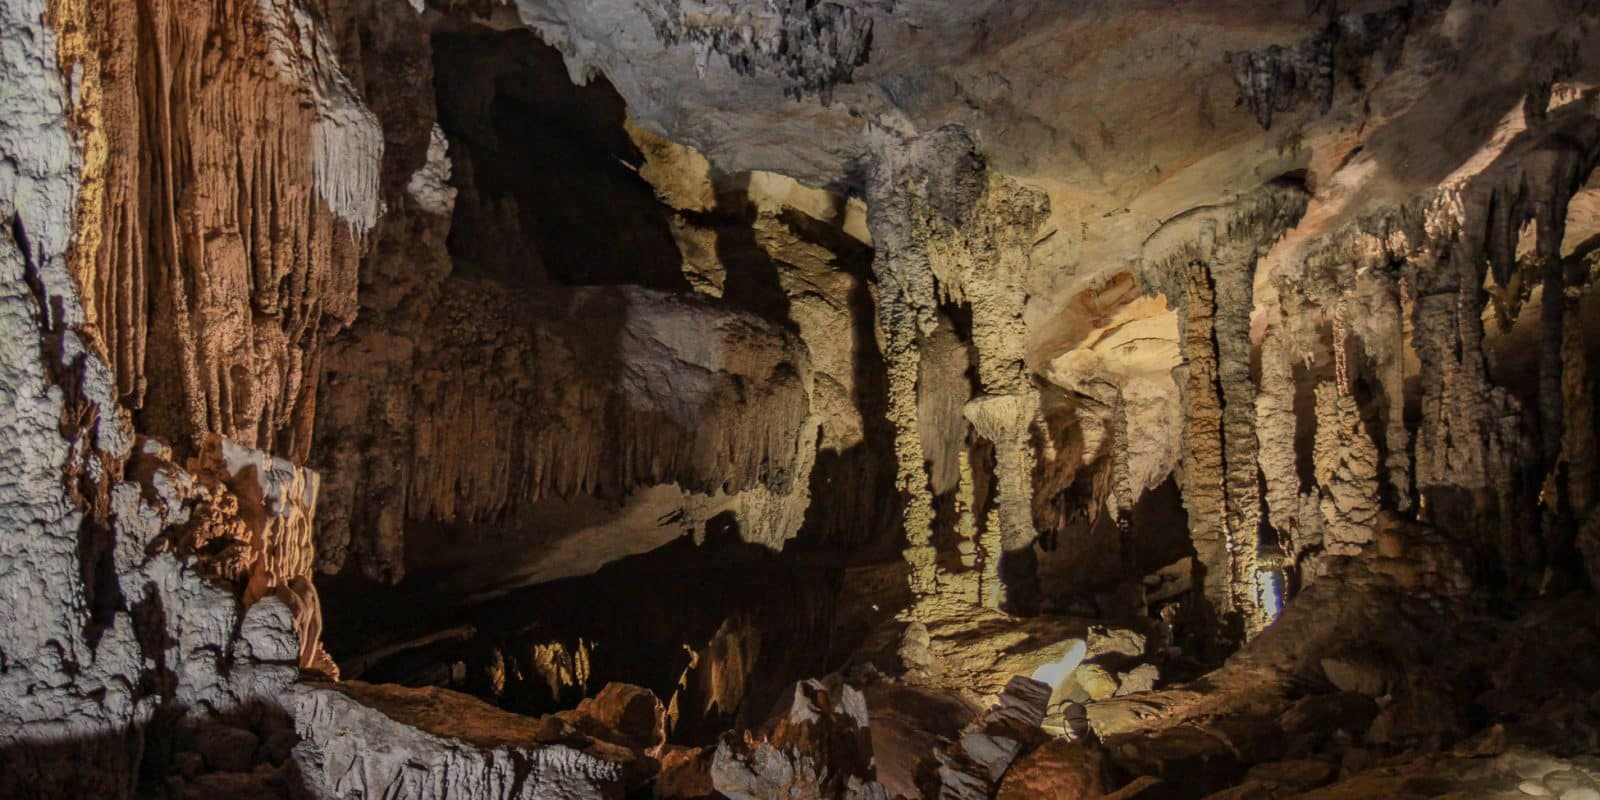 Jaskinia Kong Lor w Laosie pełna jest stalaktytów i stalagmitów